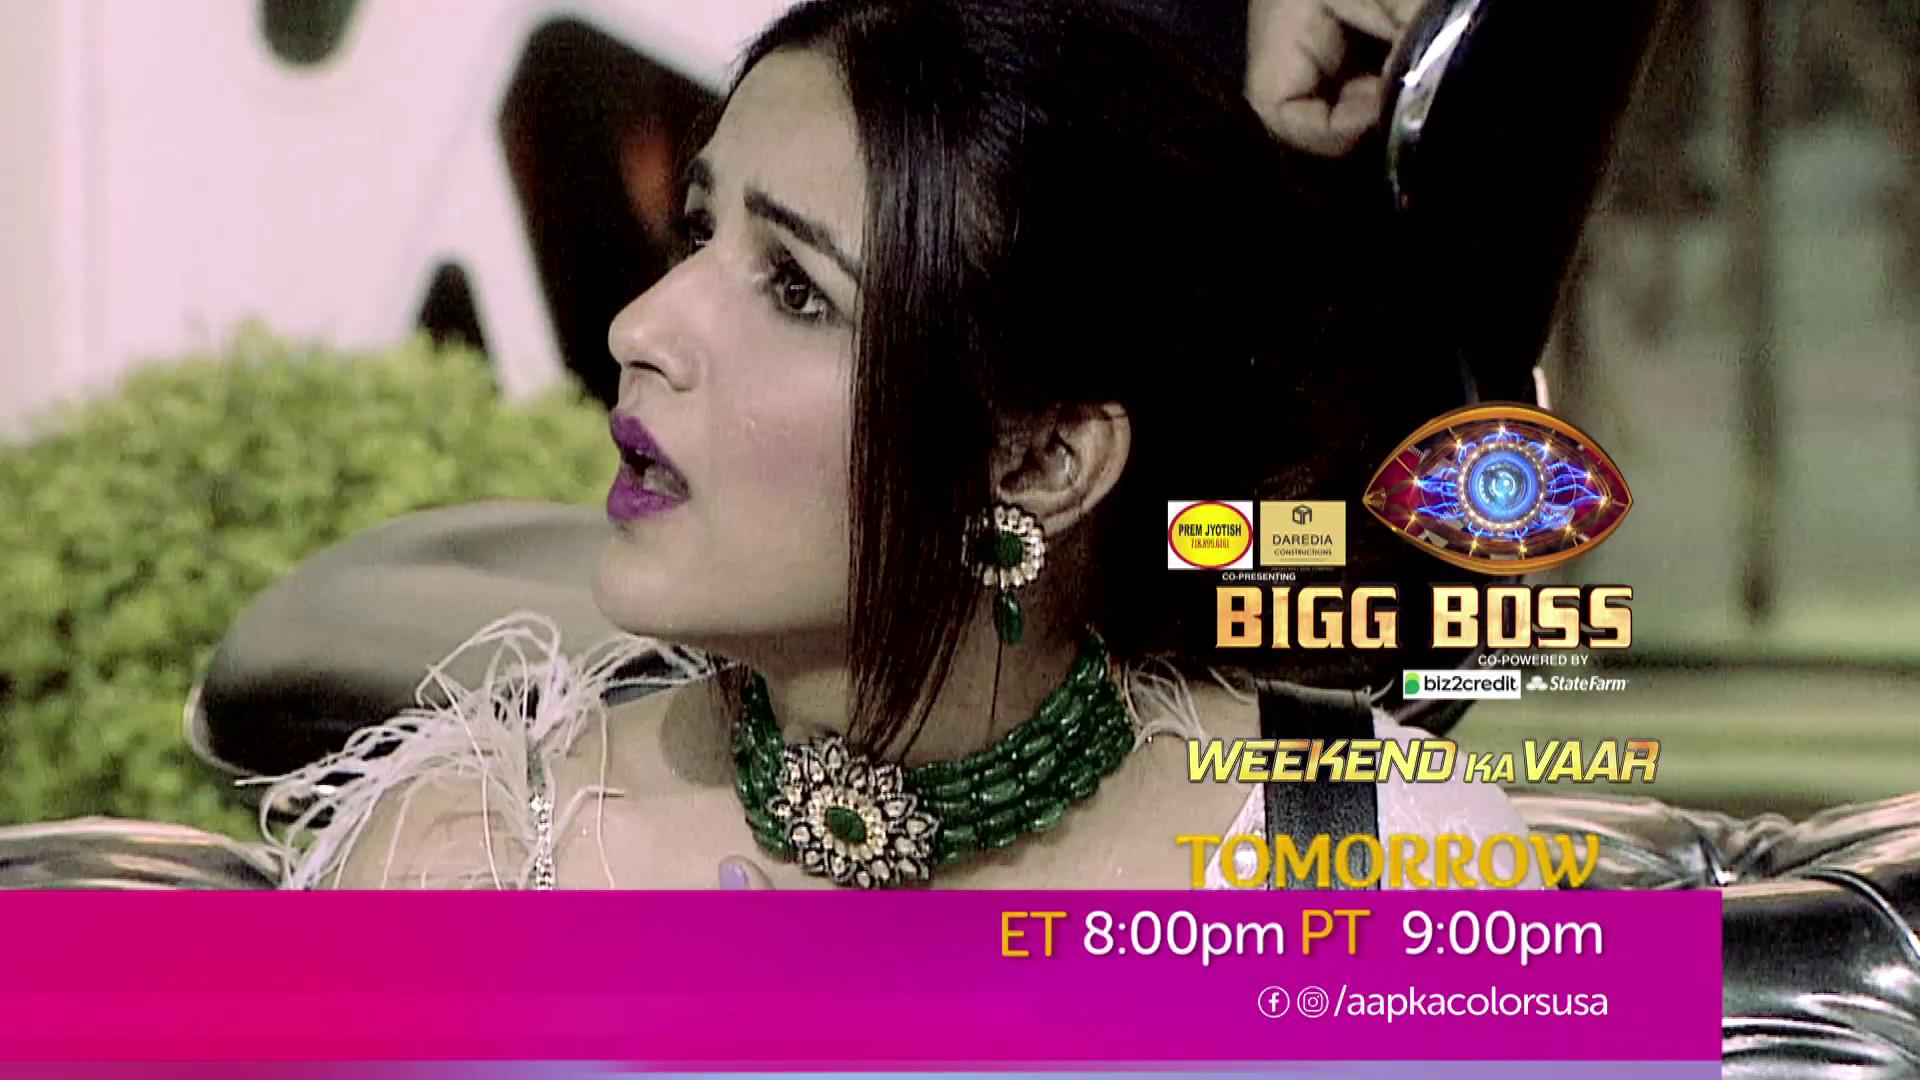 Watch Bigg Boss Weekend Ka Vaar Sat-Sun ET 8:00pm  PT 9:00pm on Aapka Colors